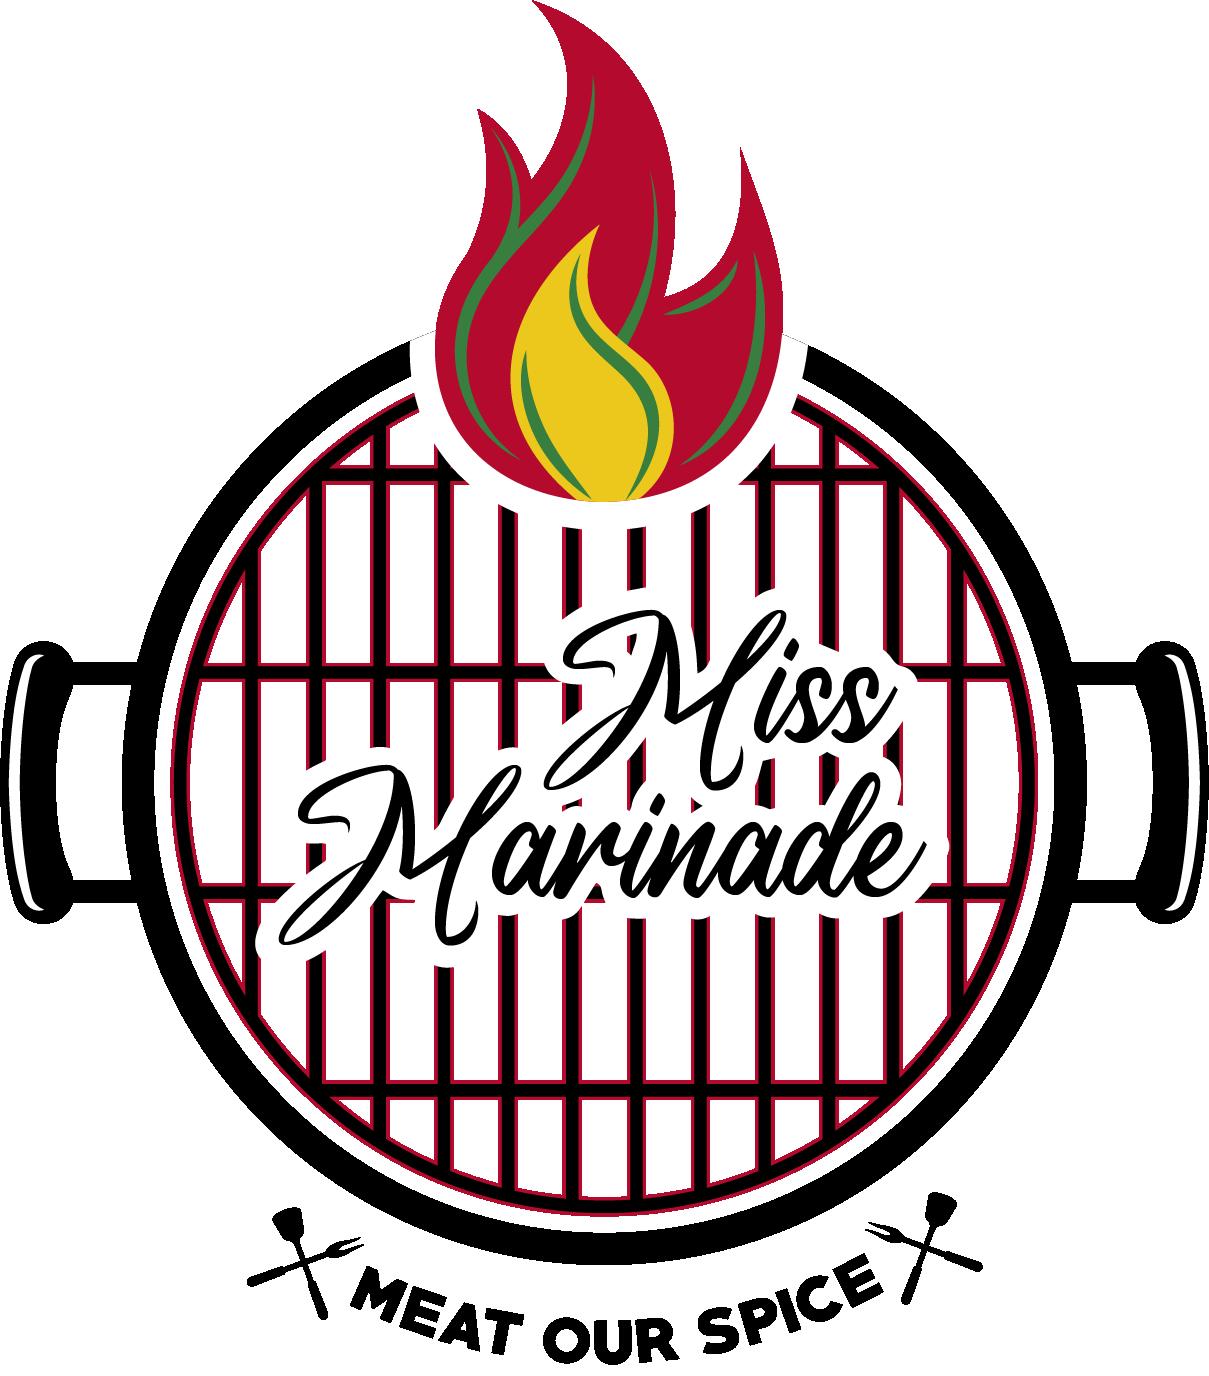 Miss Marinade